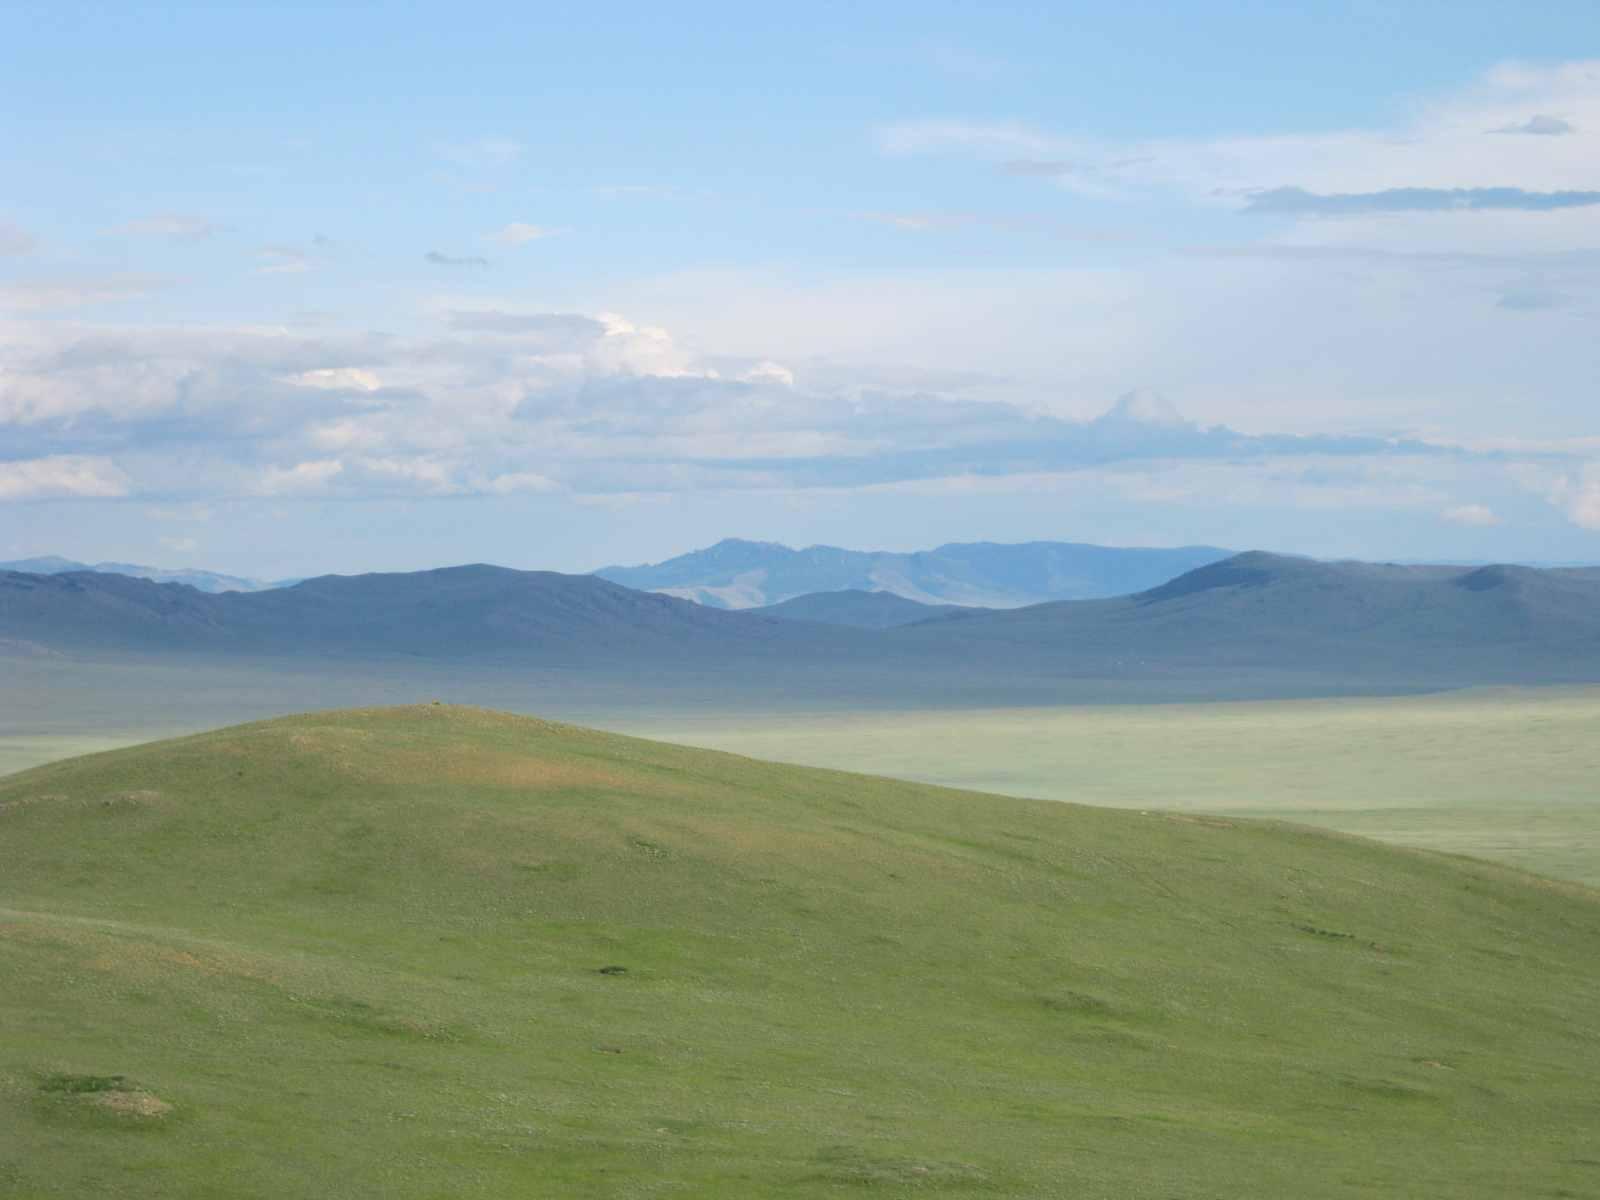 Die Mongolei liegt im Durchschnitt knapp eintausend Meter über dem Meeresspiegel